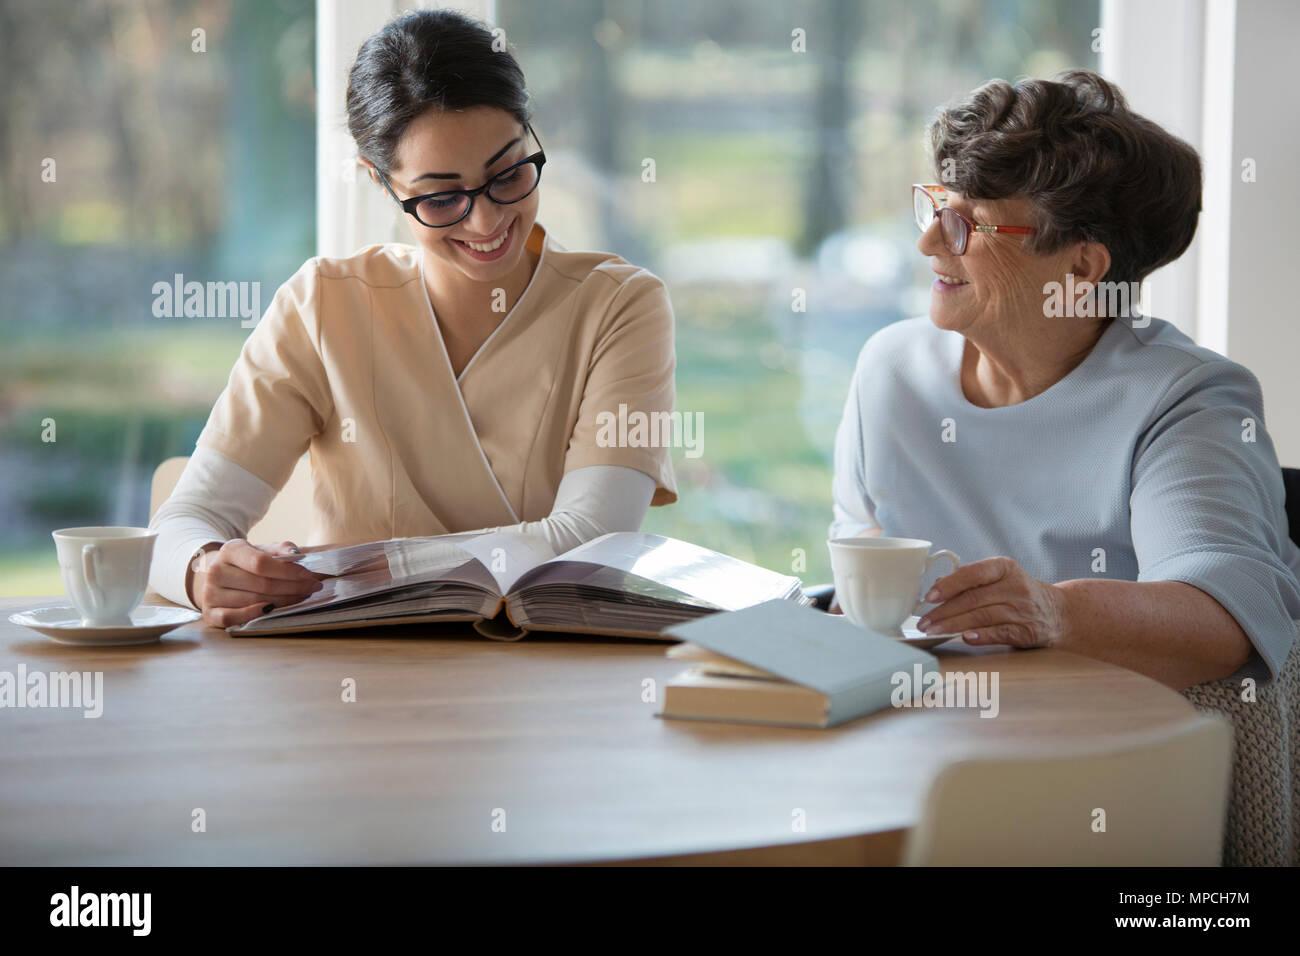 Feliz mujer senior pasar tiempo juntos con un cuidador de licitación por una tabla para sentarse y mirar el álbum de fotos familiar contra el fondo borroso de w Imagen De Stock